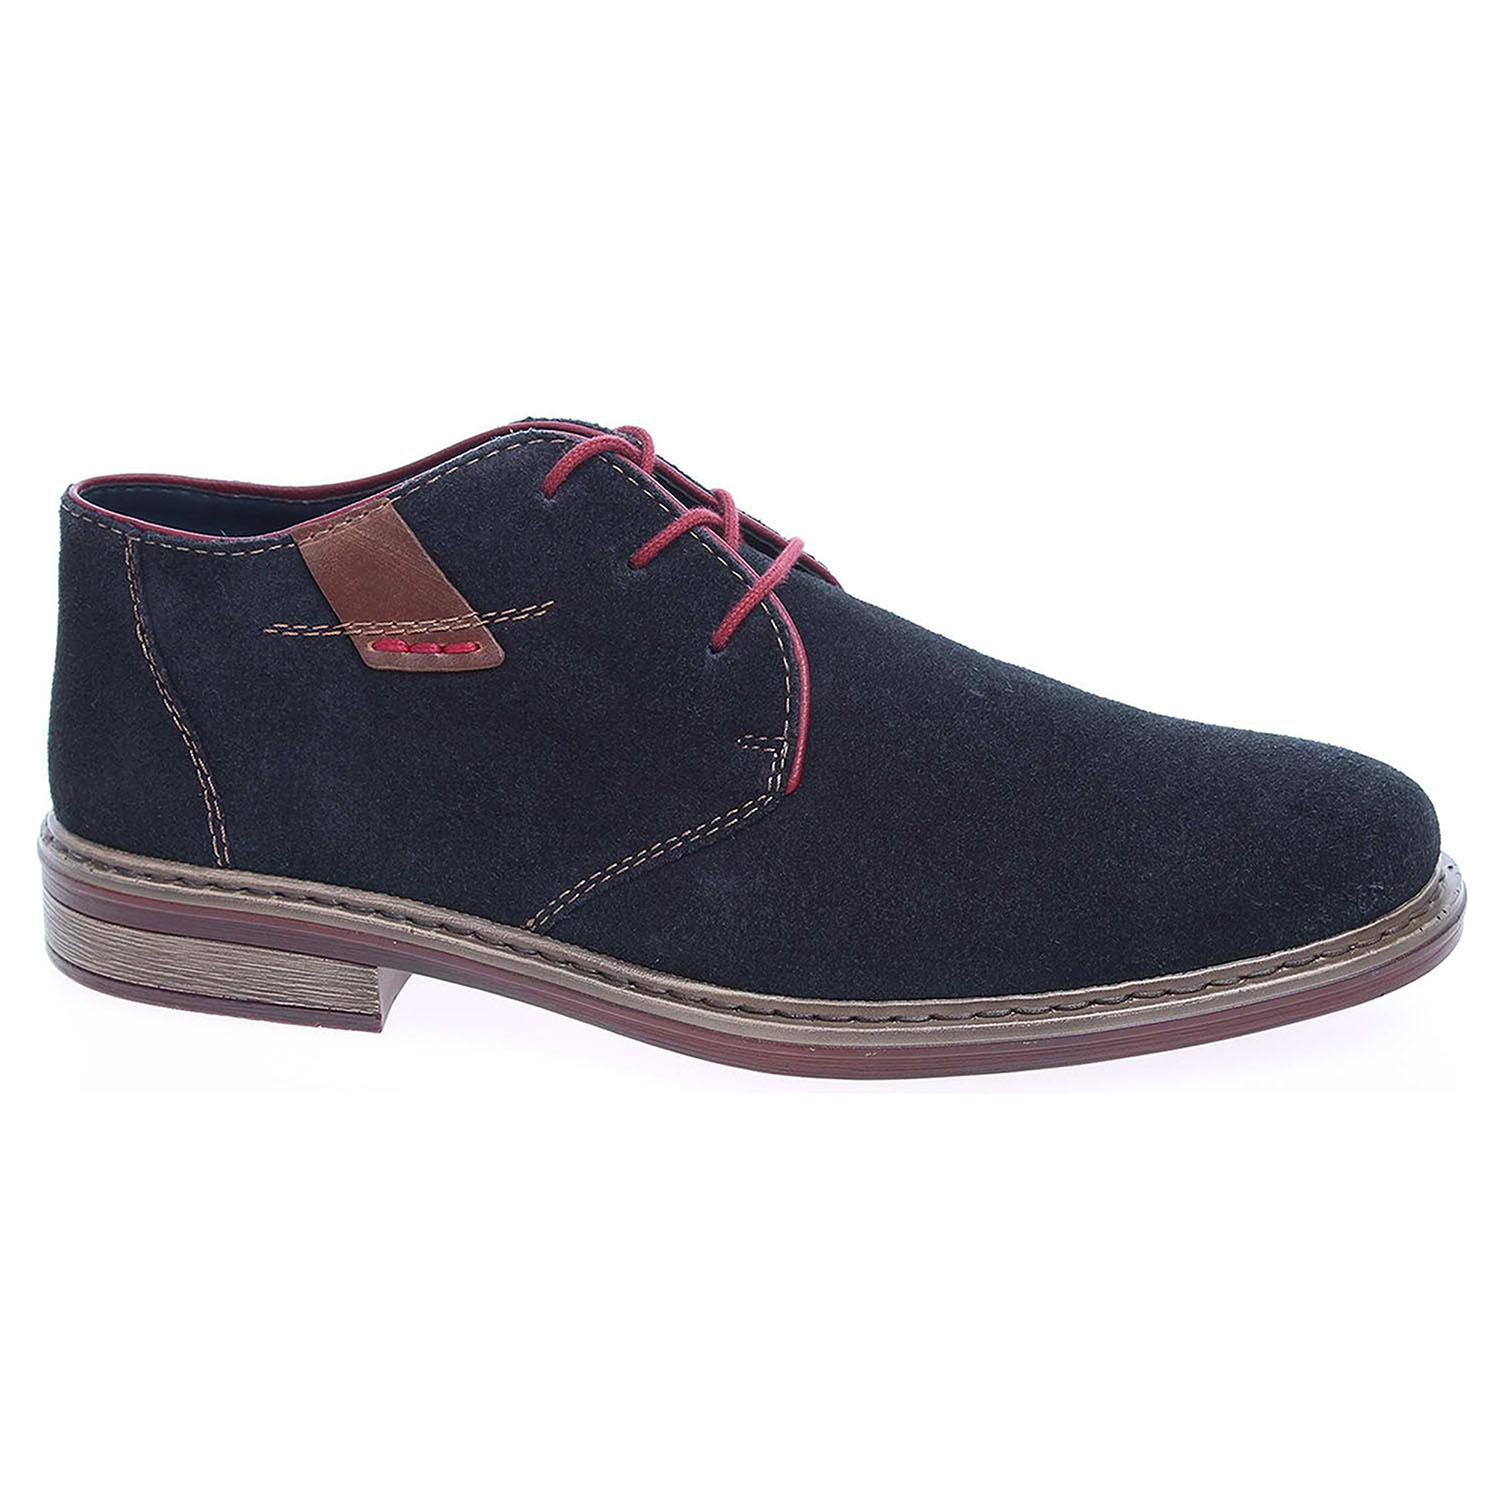 c2ad1c5a4 Pánska členkové topánky Rieker 17632-14 modré   REJNOK obuv